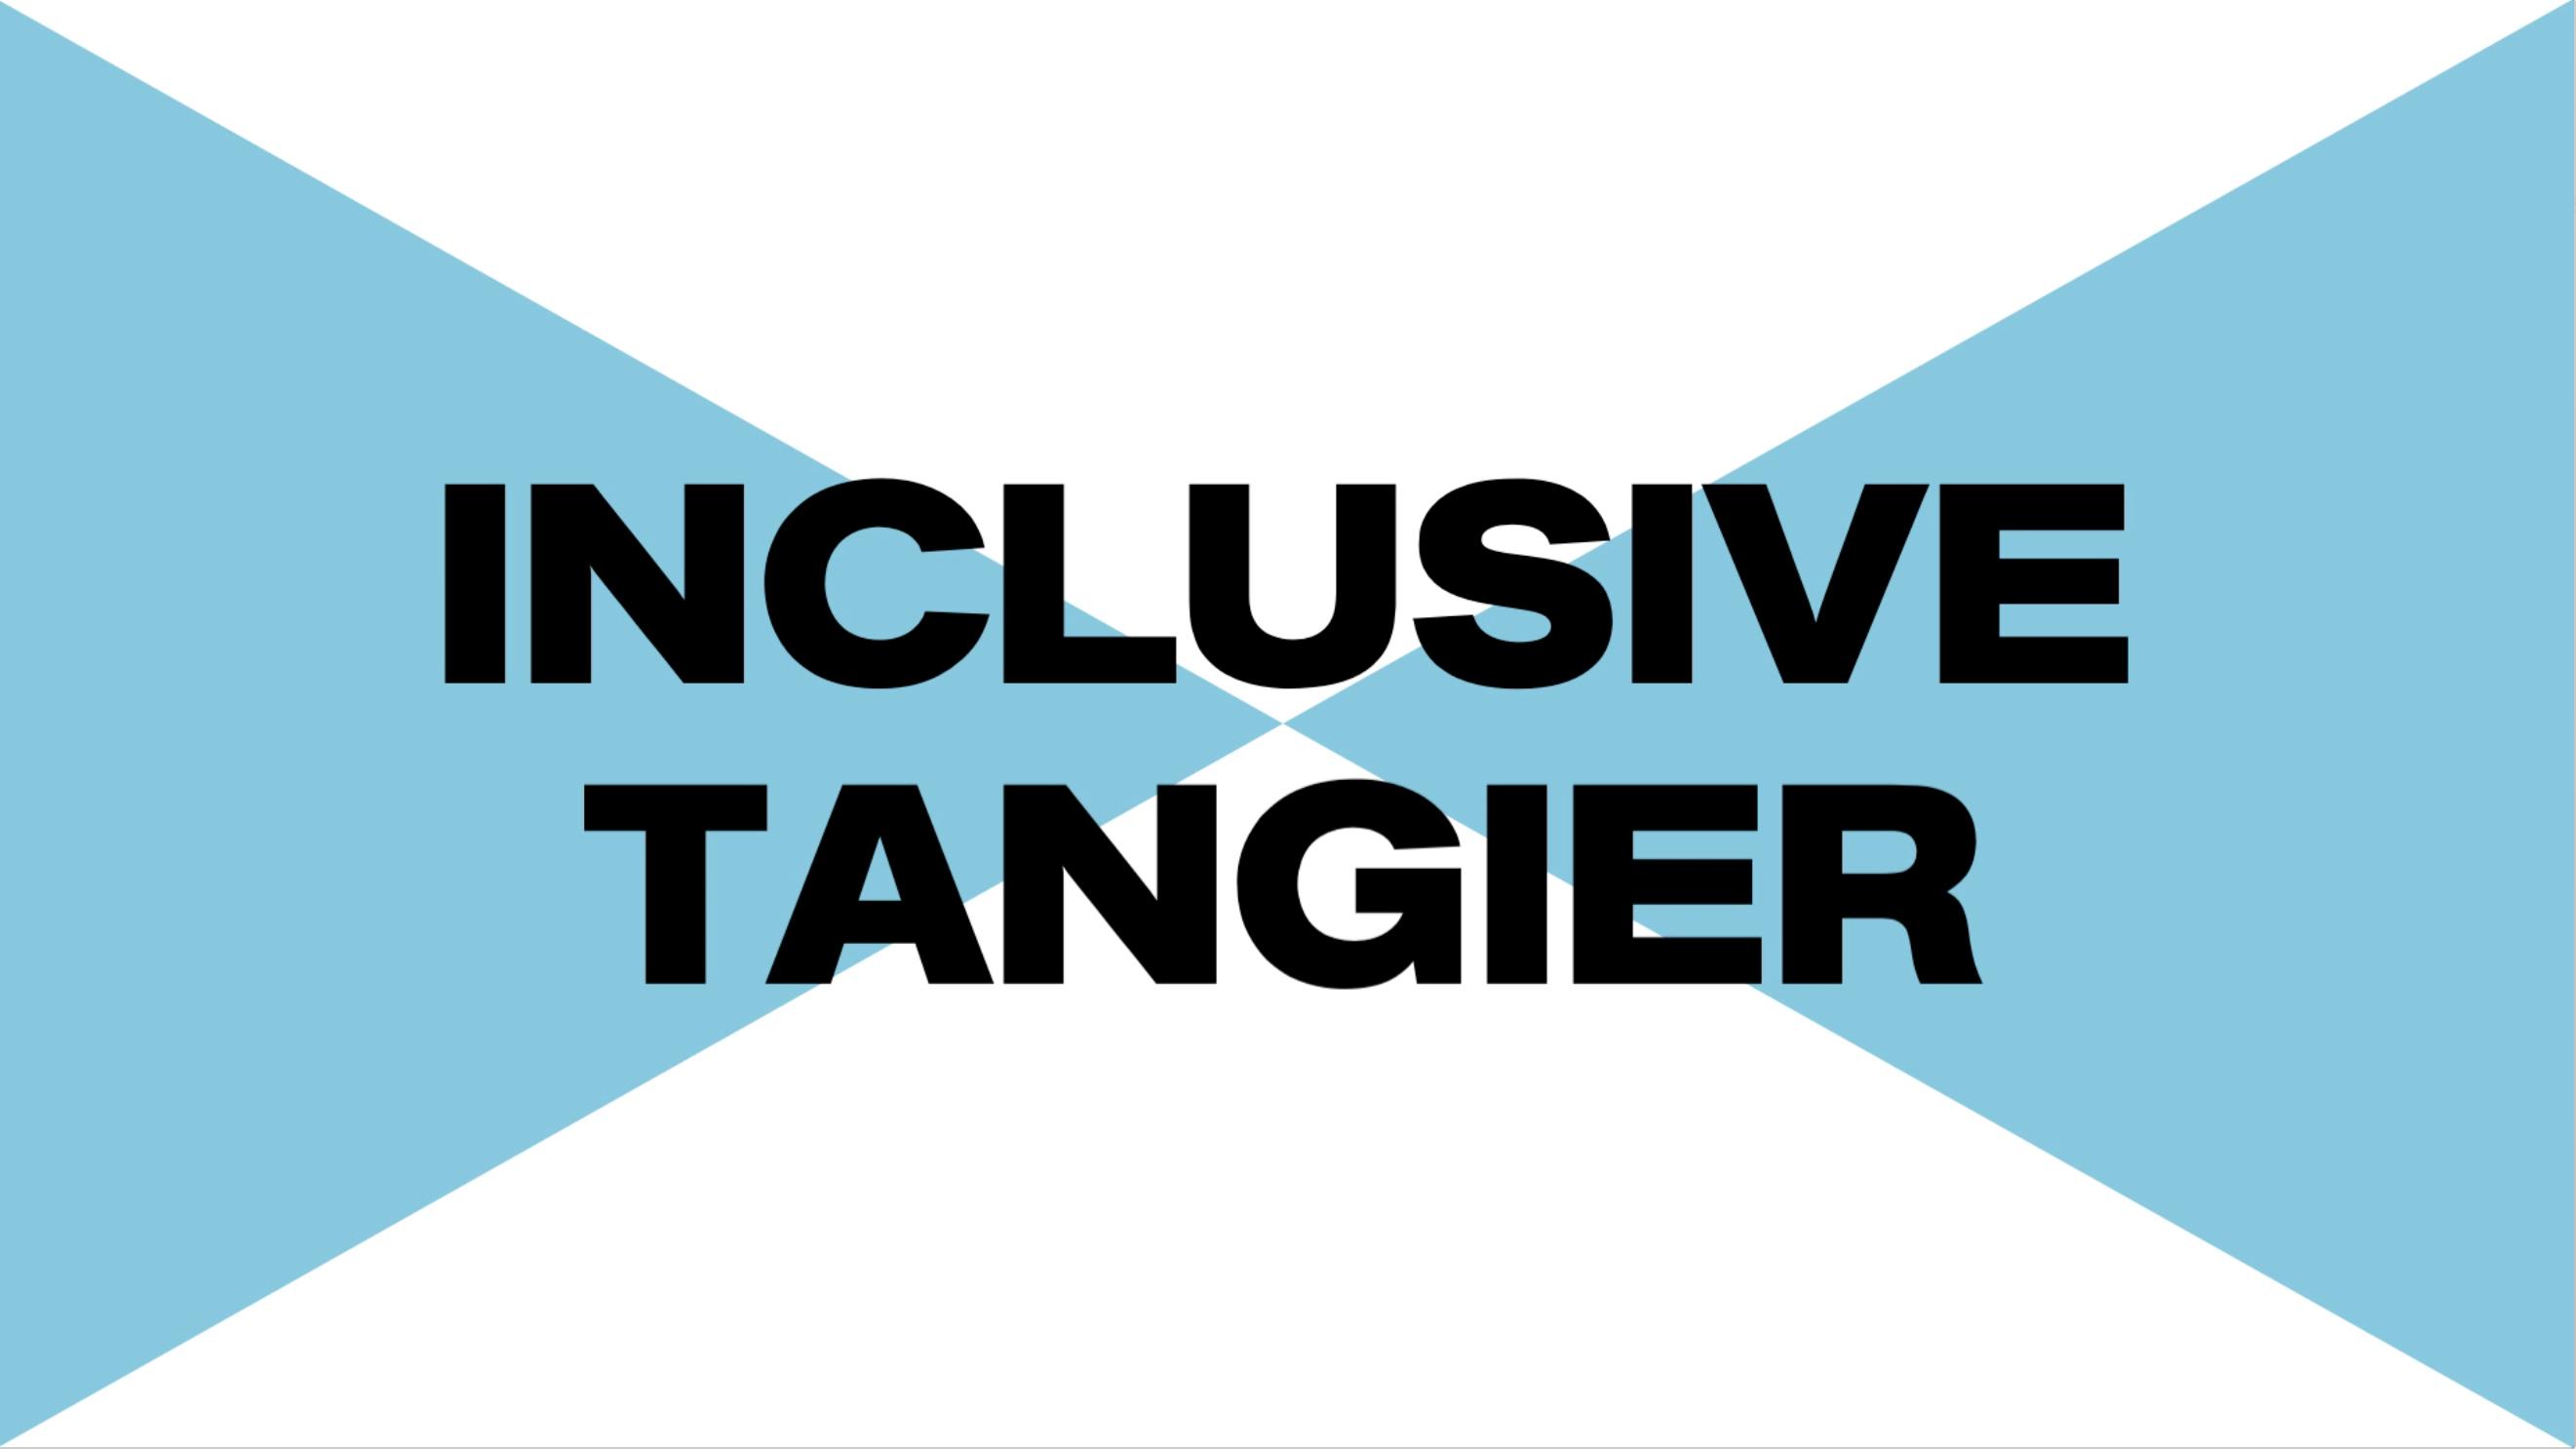 Inclusive Tangier